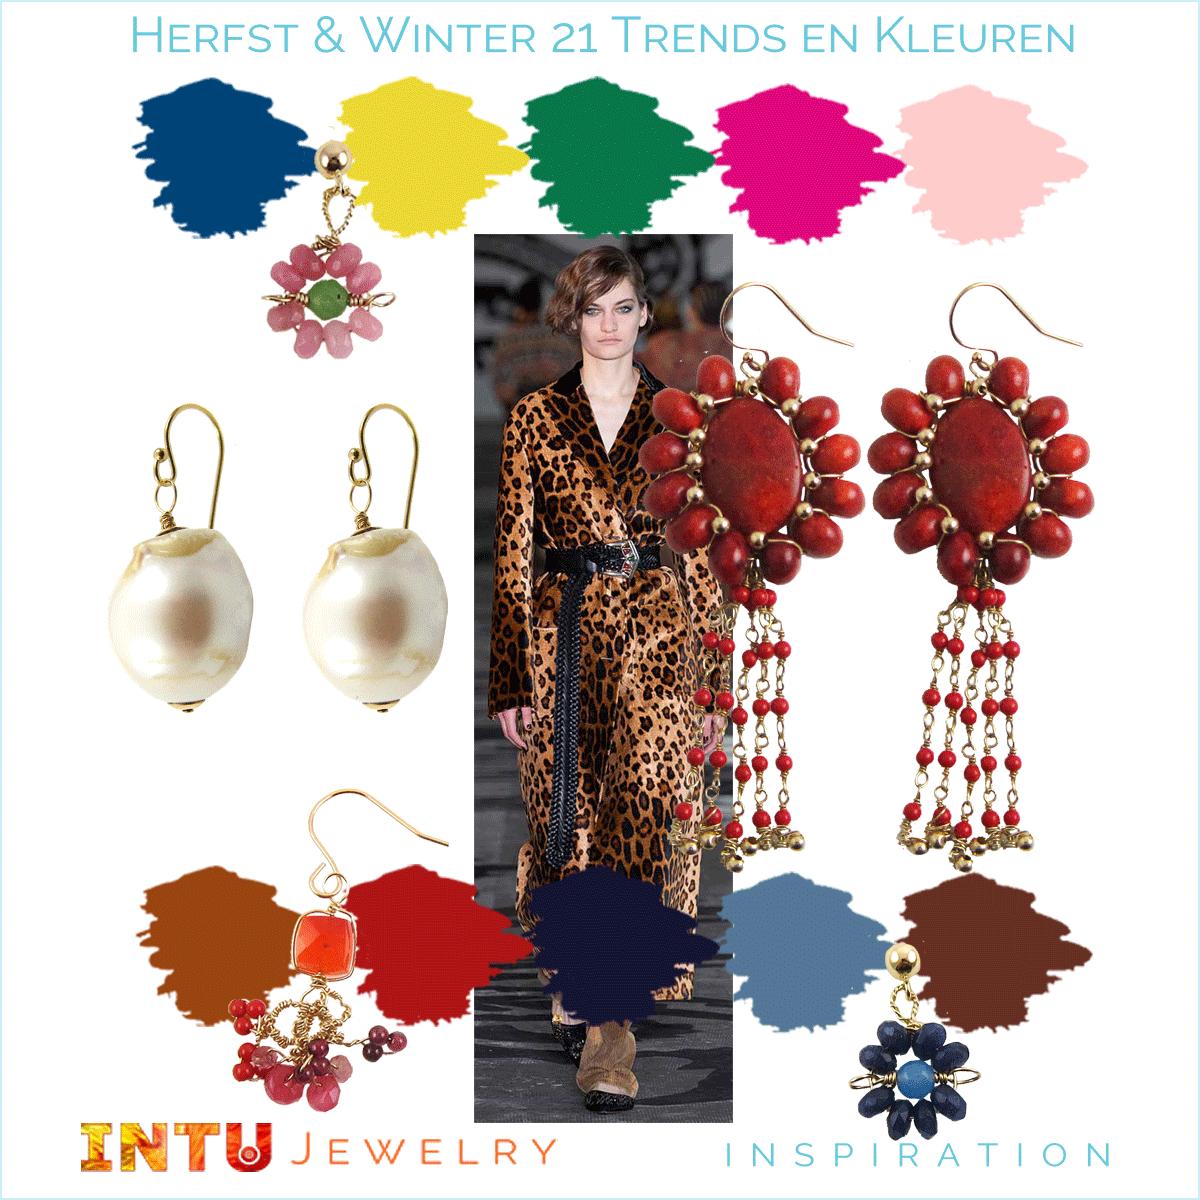 herfst en winter 2021 trends en kleuren